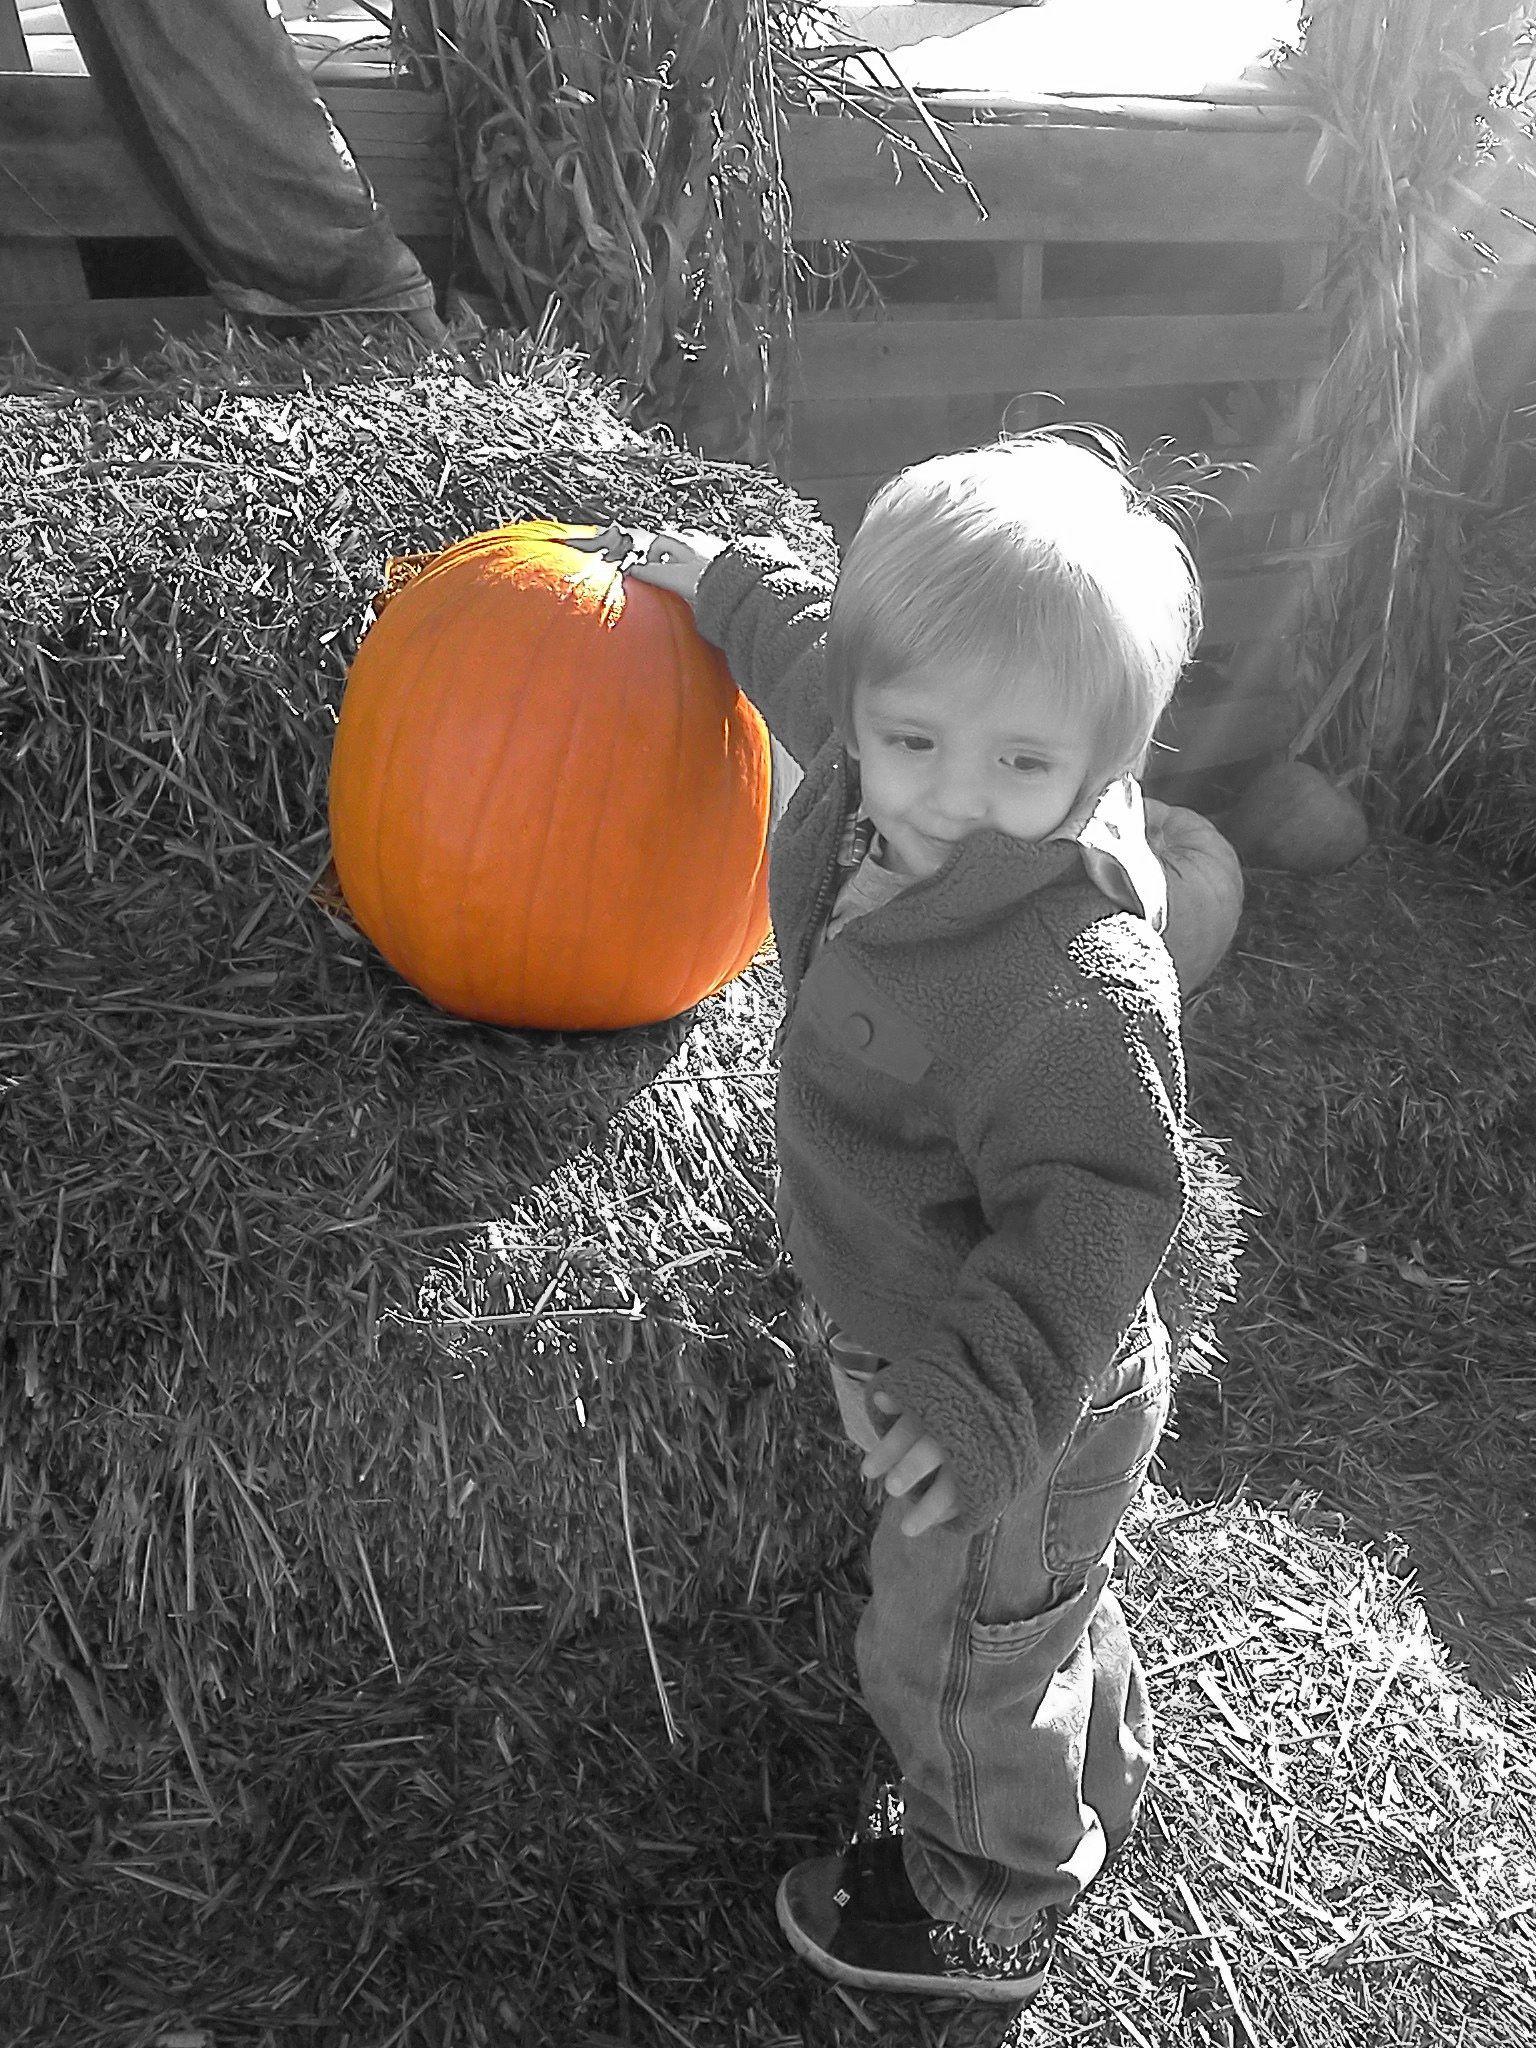 Ethan at Indigo Farms